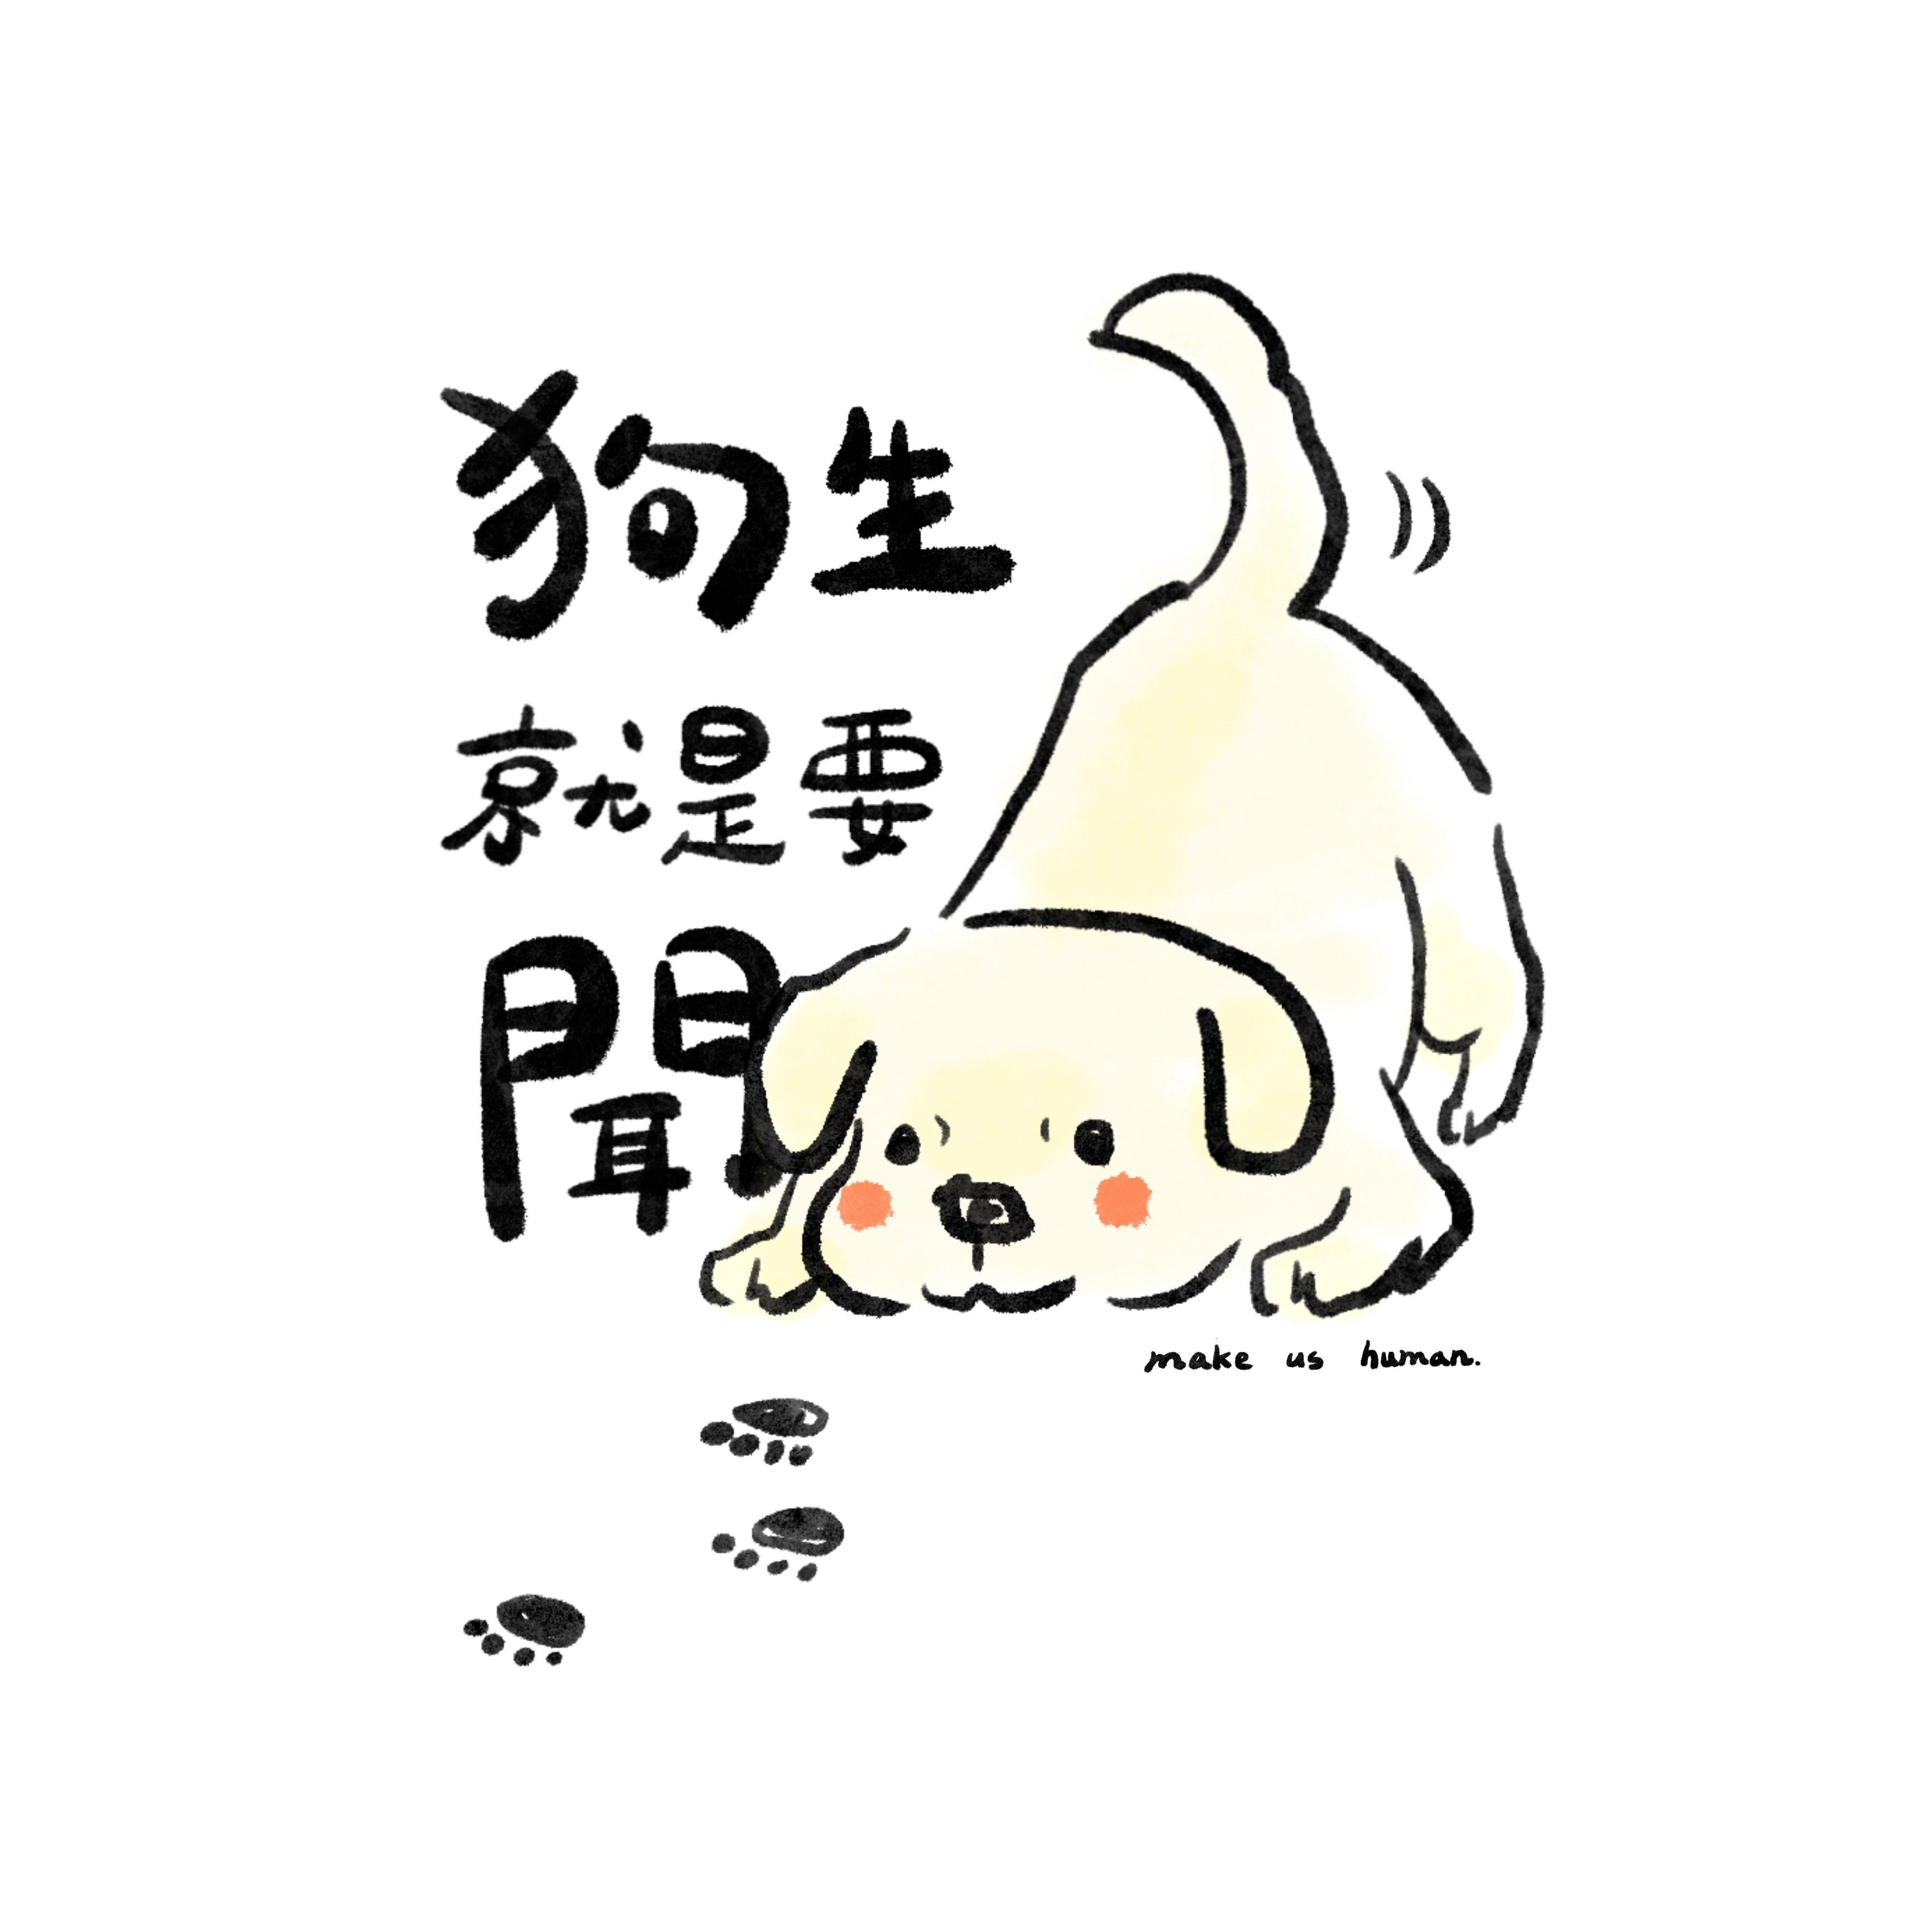 狗狗嗅聞的插圖